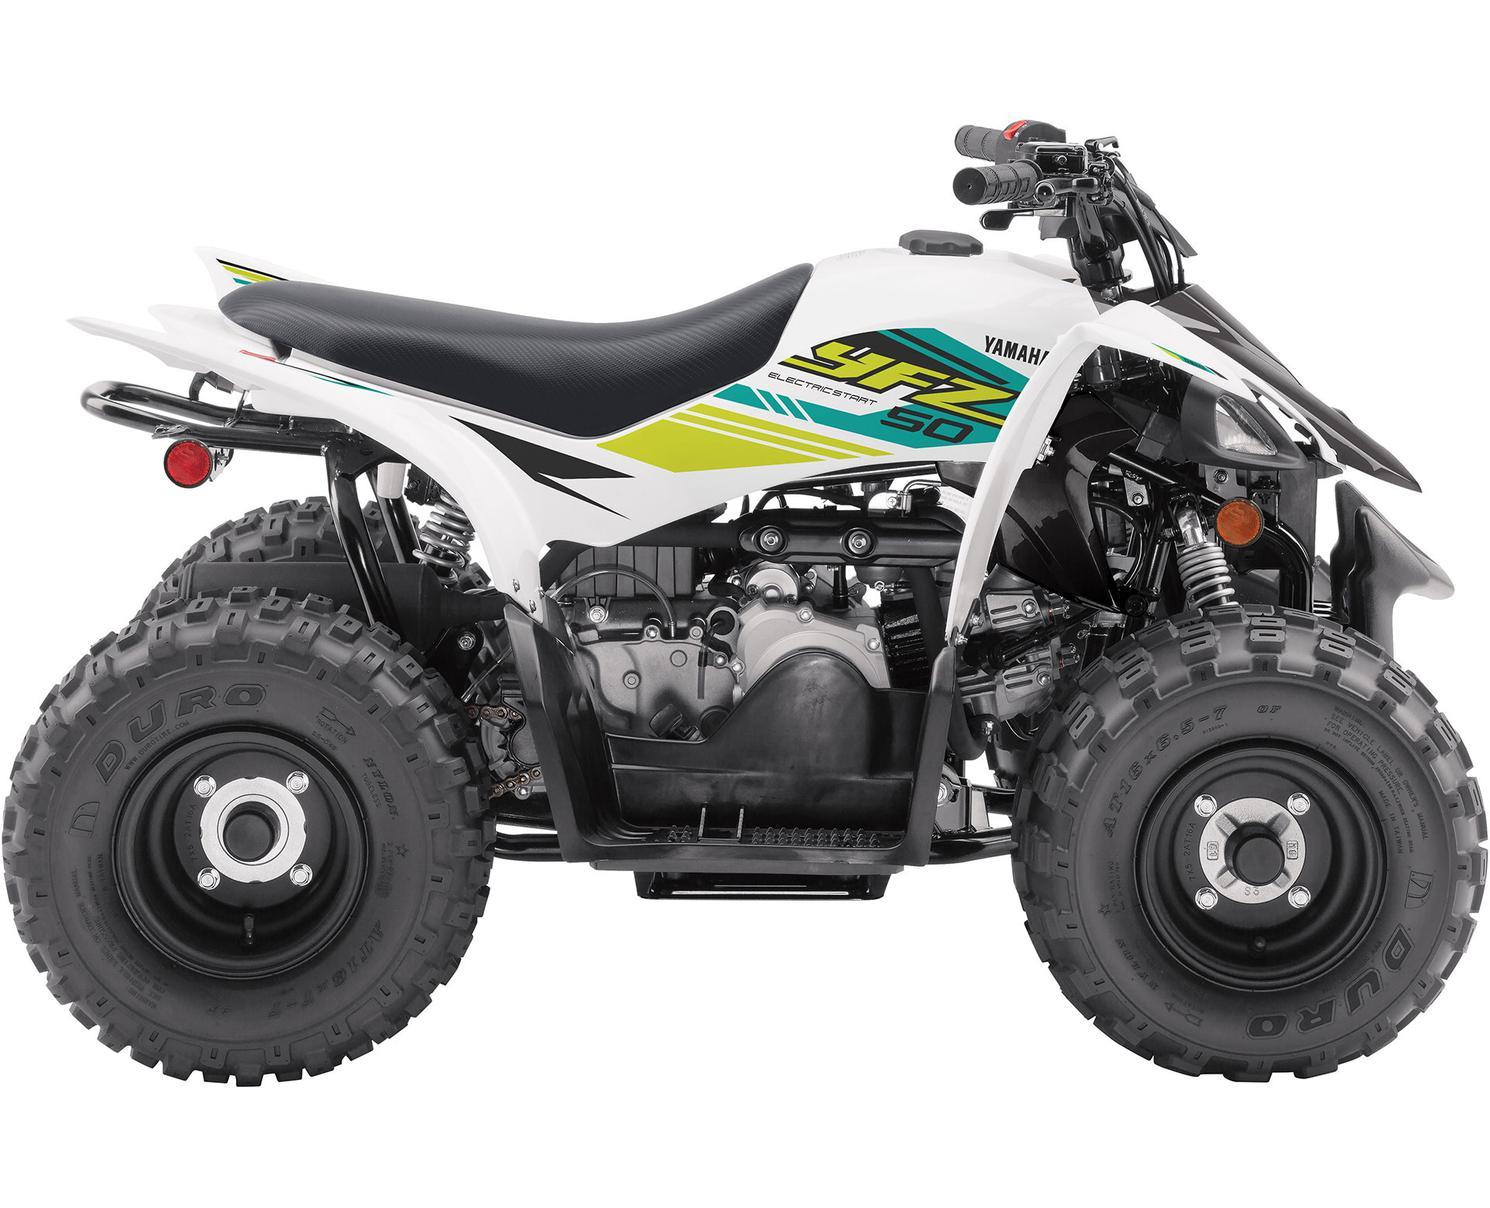 2021 Yamaha YFZ50 White-White